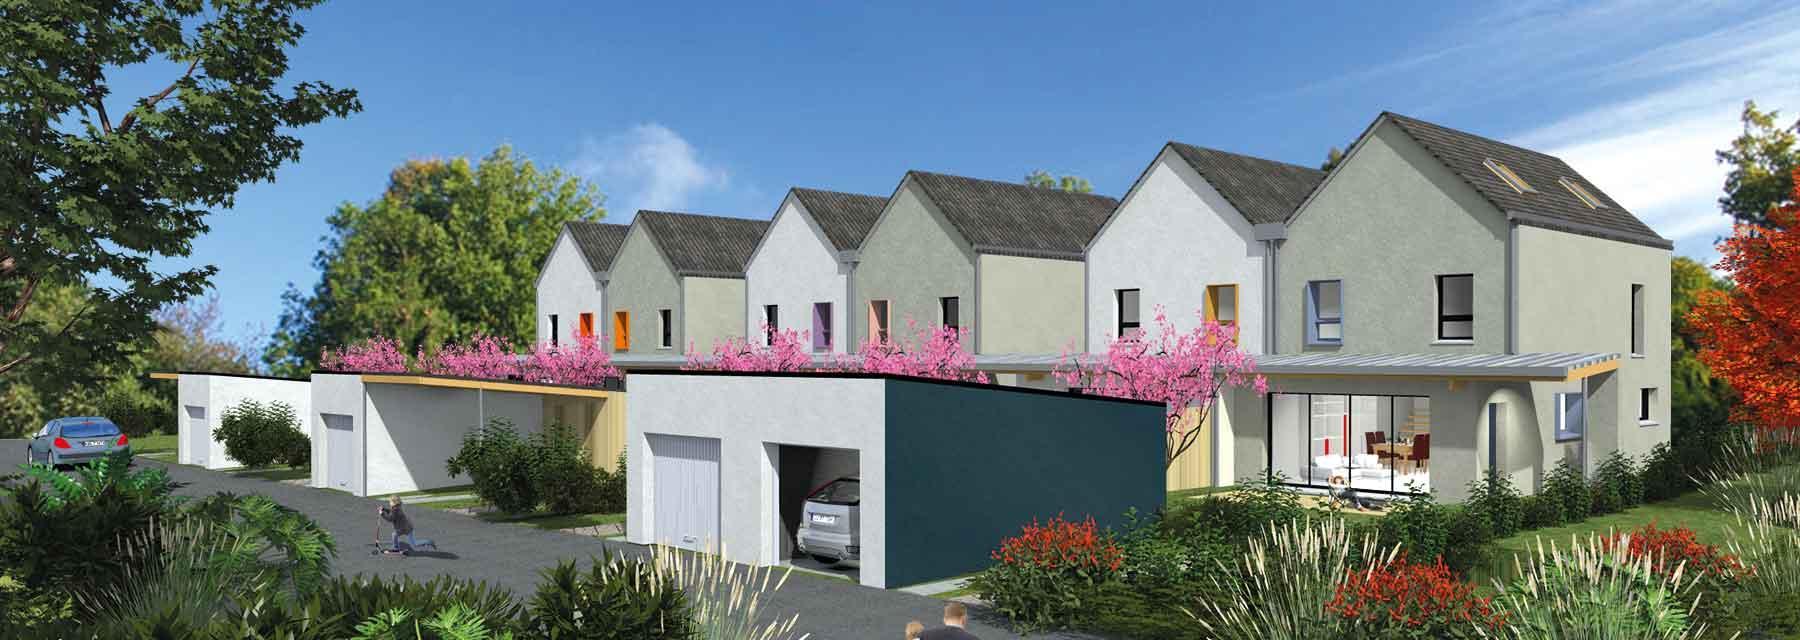 Villas de la Lande à Nouvoitou (35) - Maisons Création - Acheter 1ère couronne de Rennes